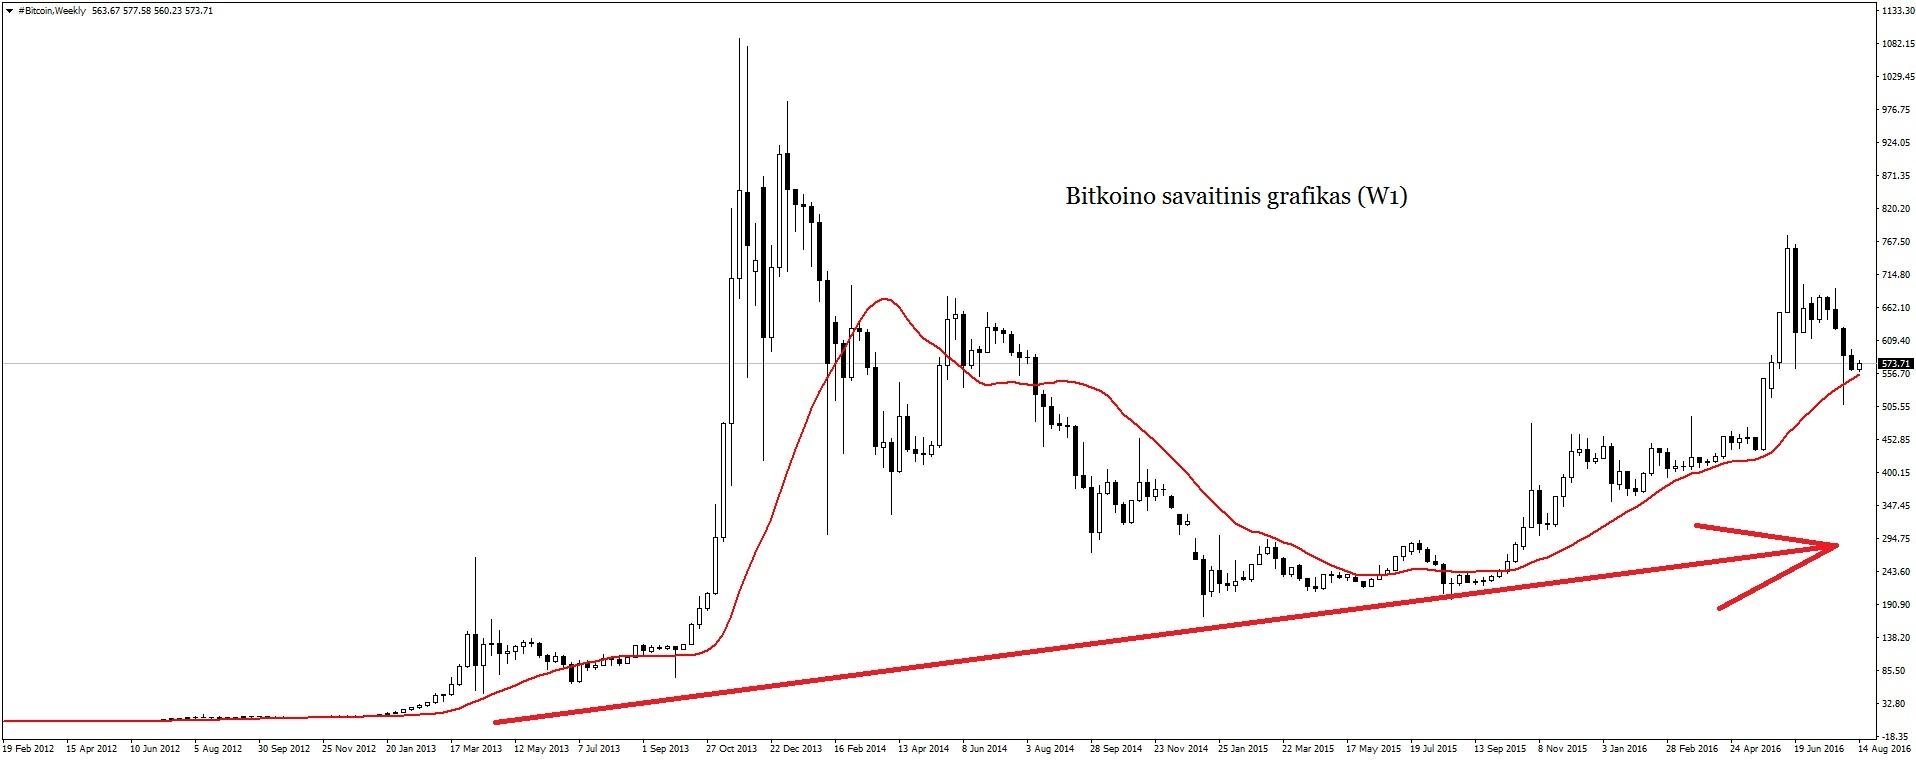 kokia yra dienos prekybos bitkoinais apimtis